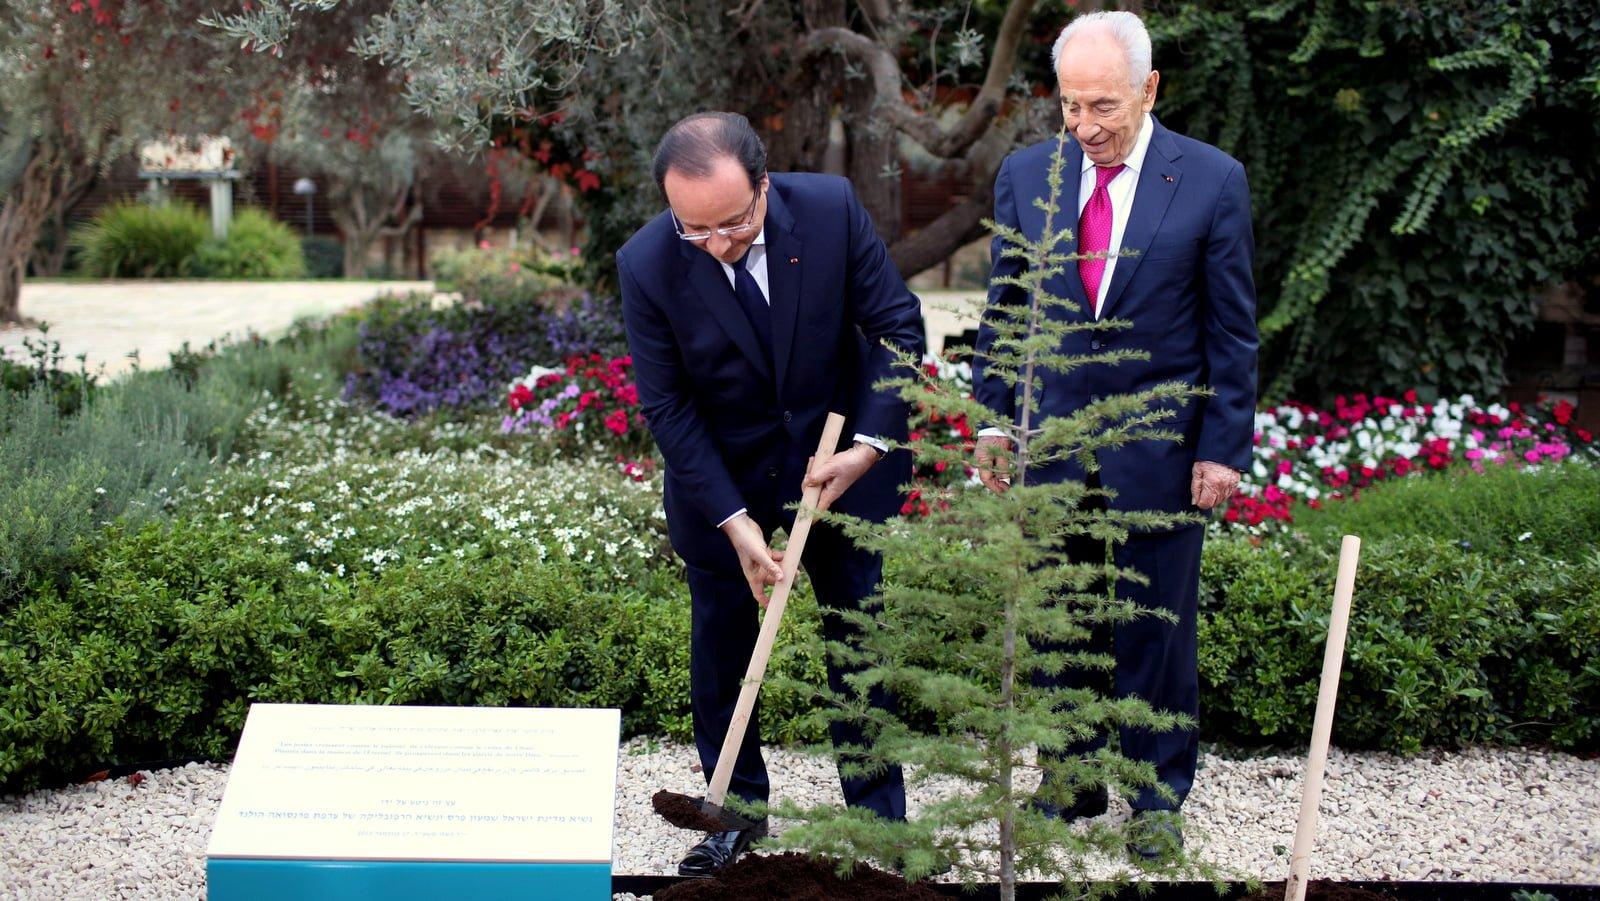 Shimon Peres, Francois Hollande